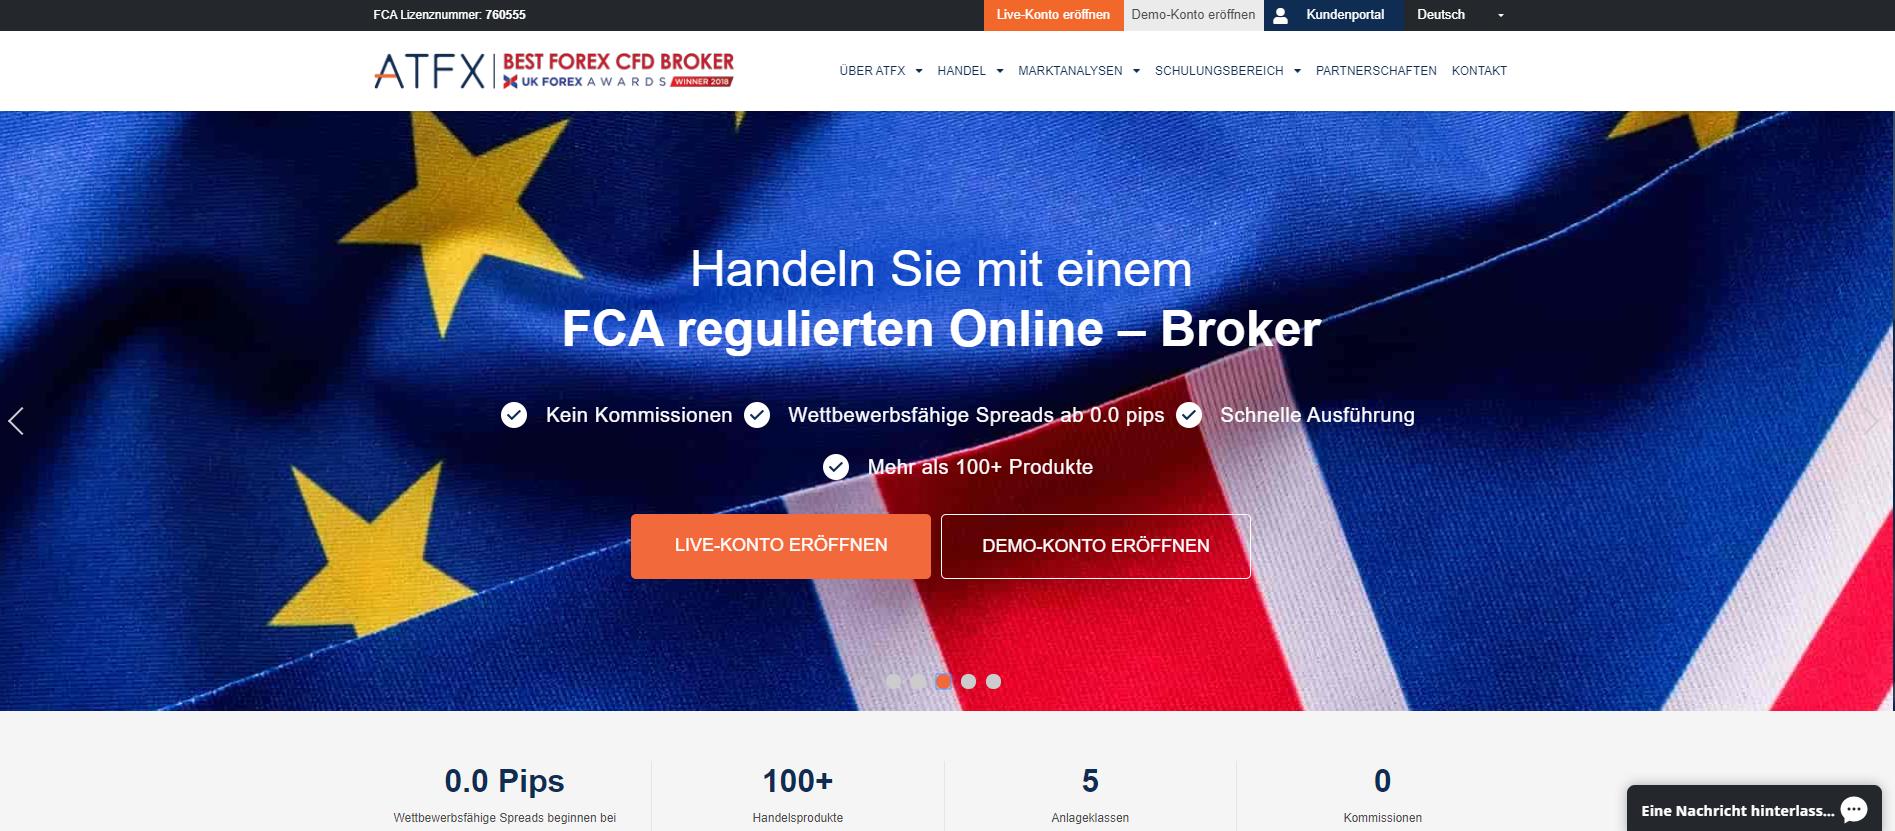 Forex Broker ATFX Webseiten Screenshot